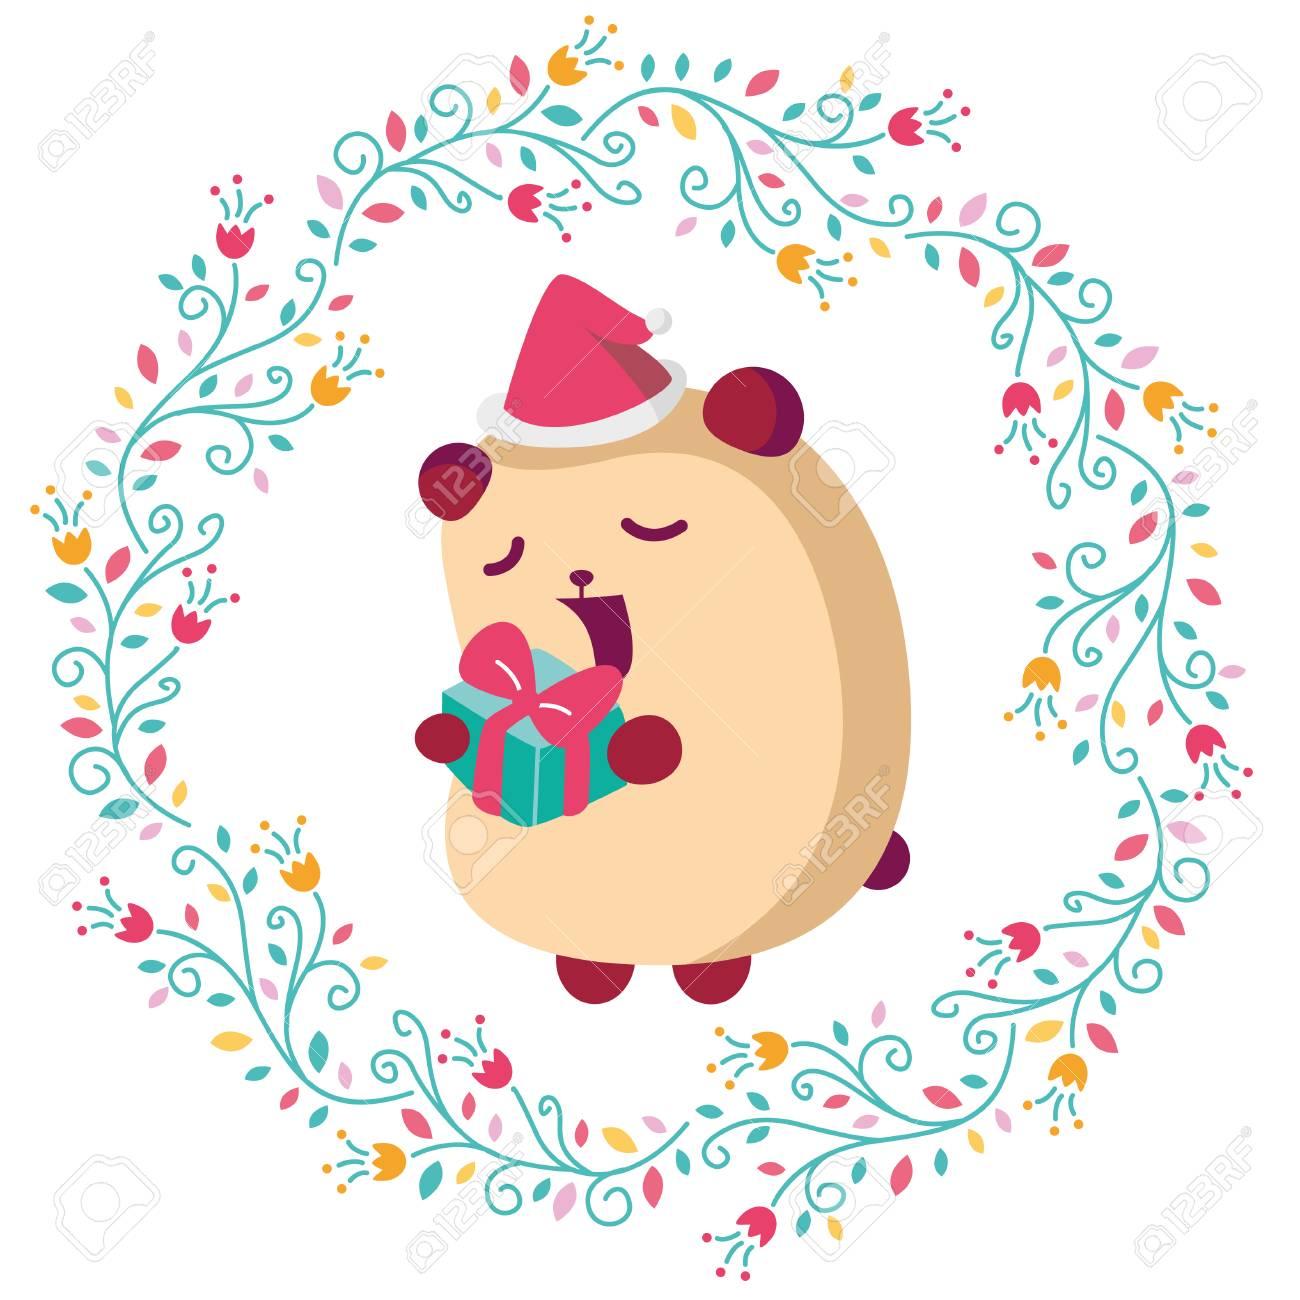 手描きベクトル花の花輪かわいいベア漫画幸せの年賀状イラストの